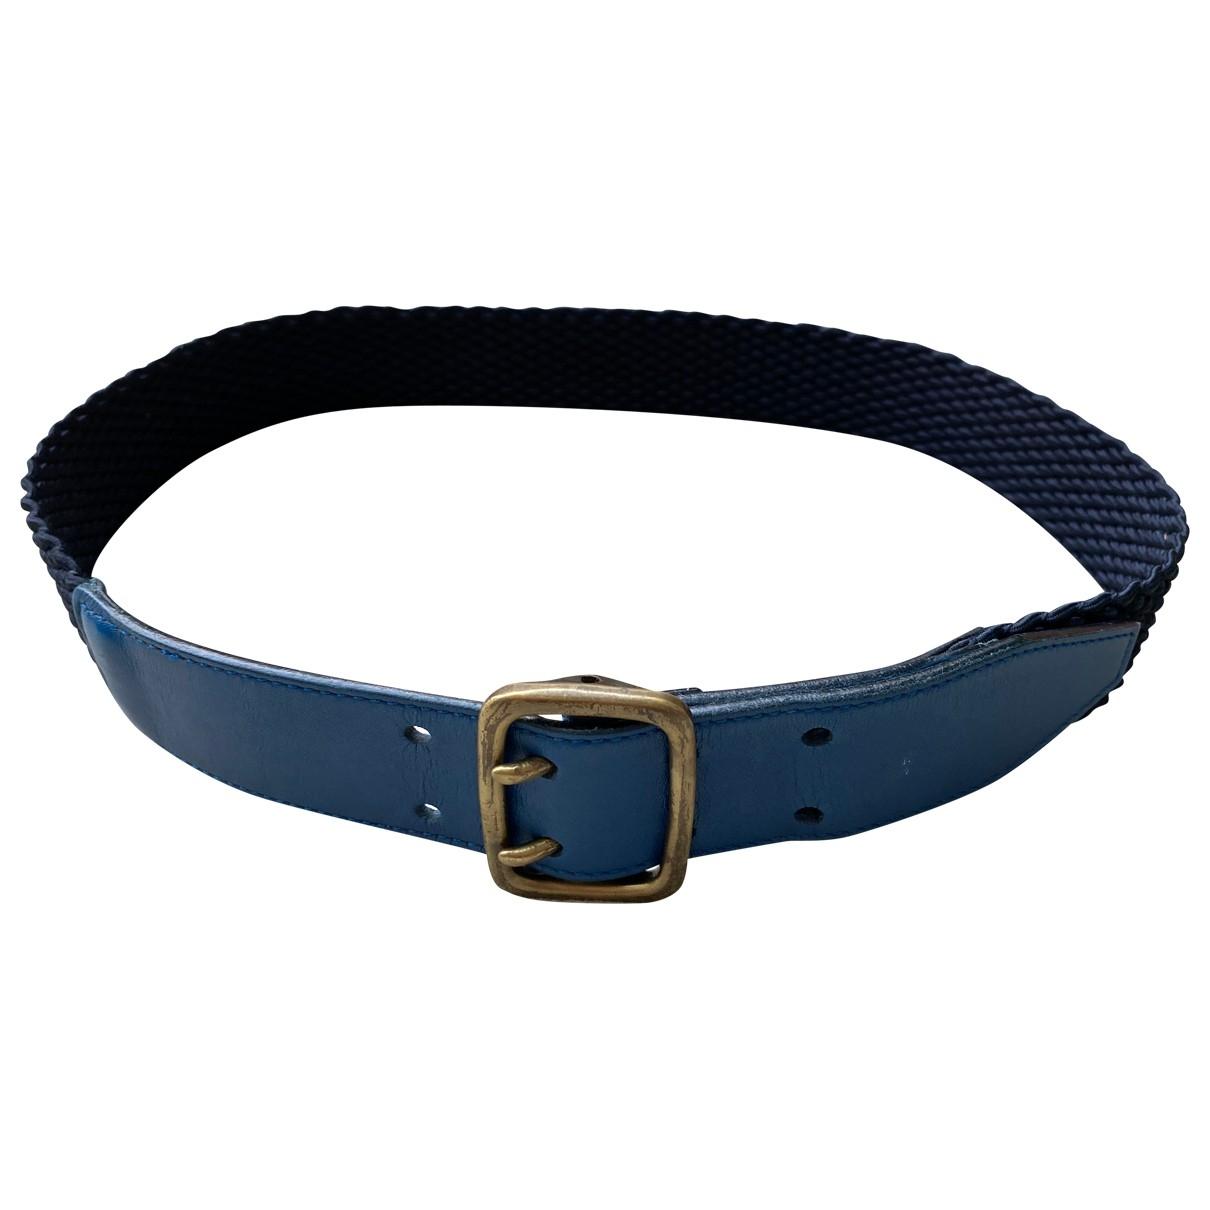 Trussardi \N Blue Leather belt for Men 85 cm